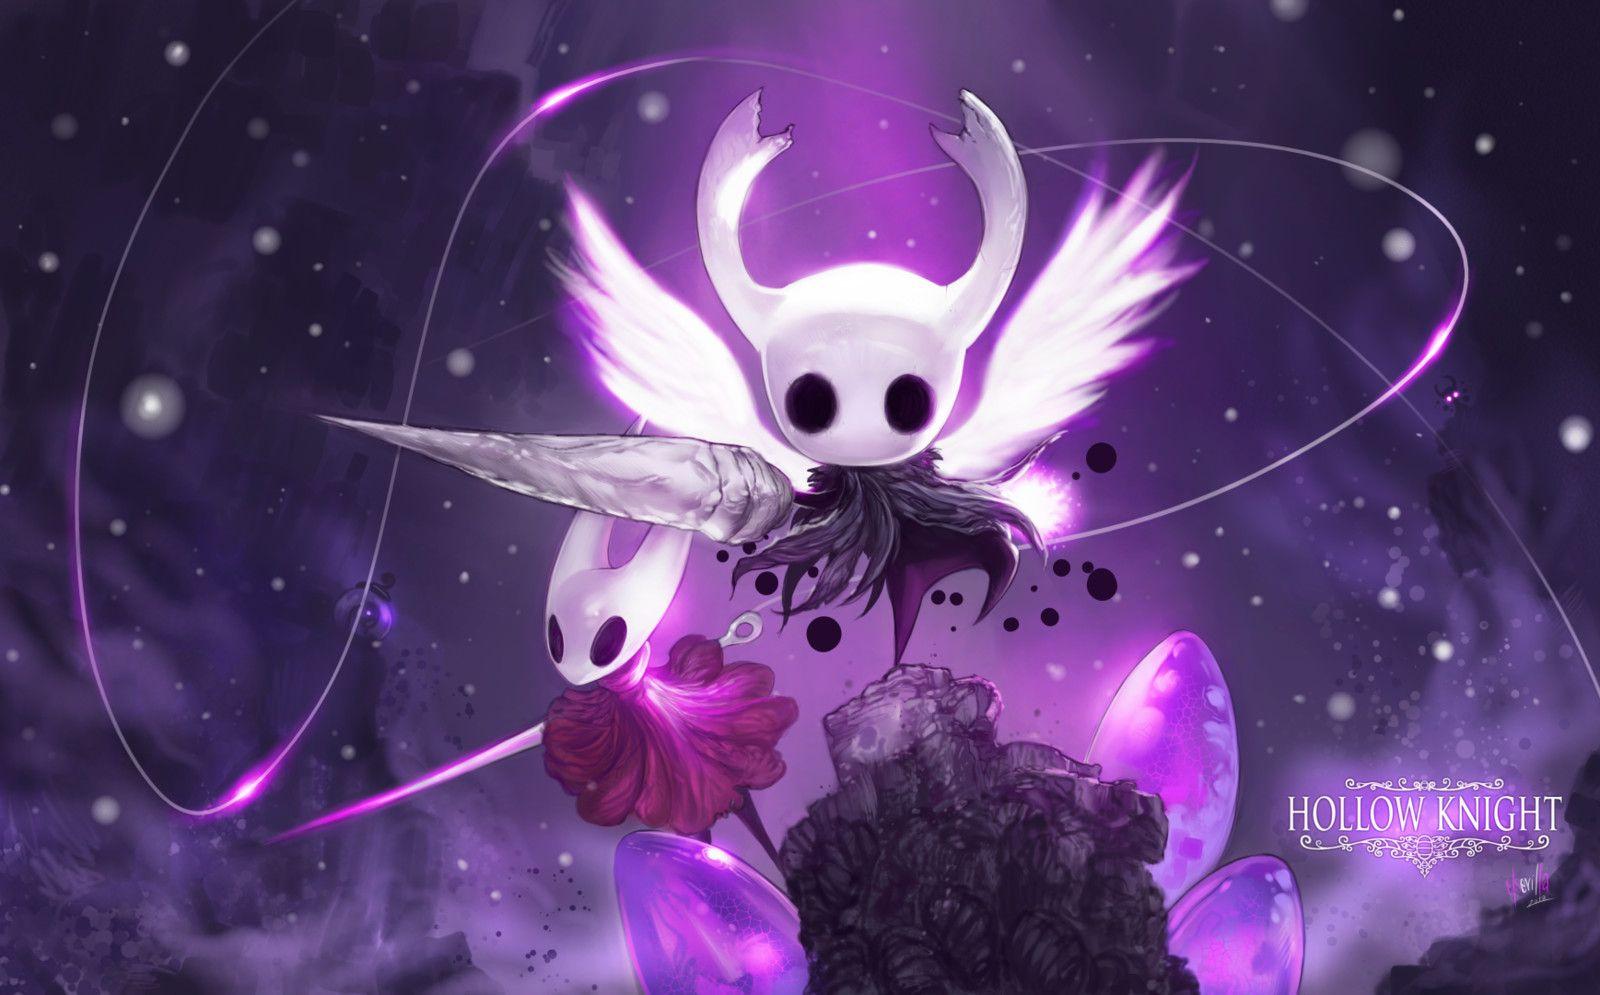 Hallow Knight (с изображениями) Игровые арты, Искусство